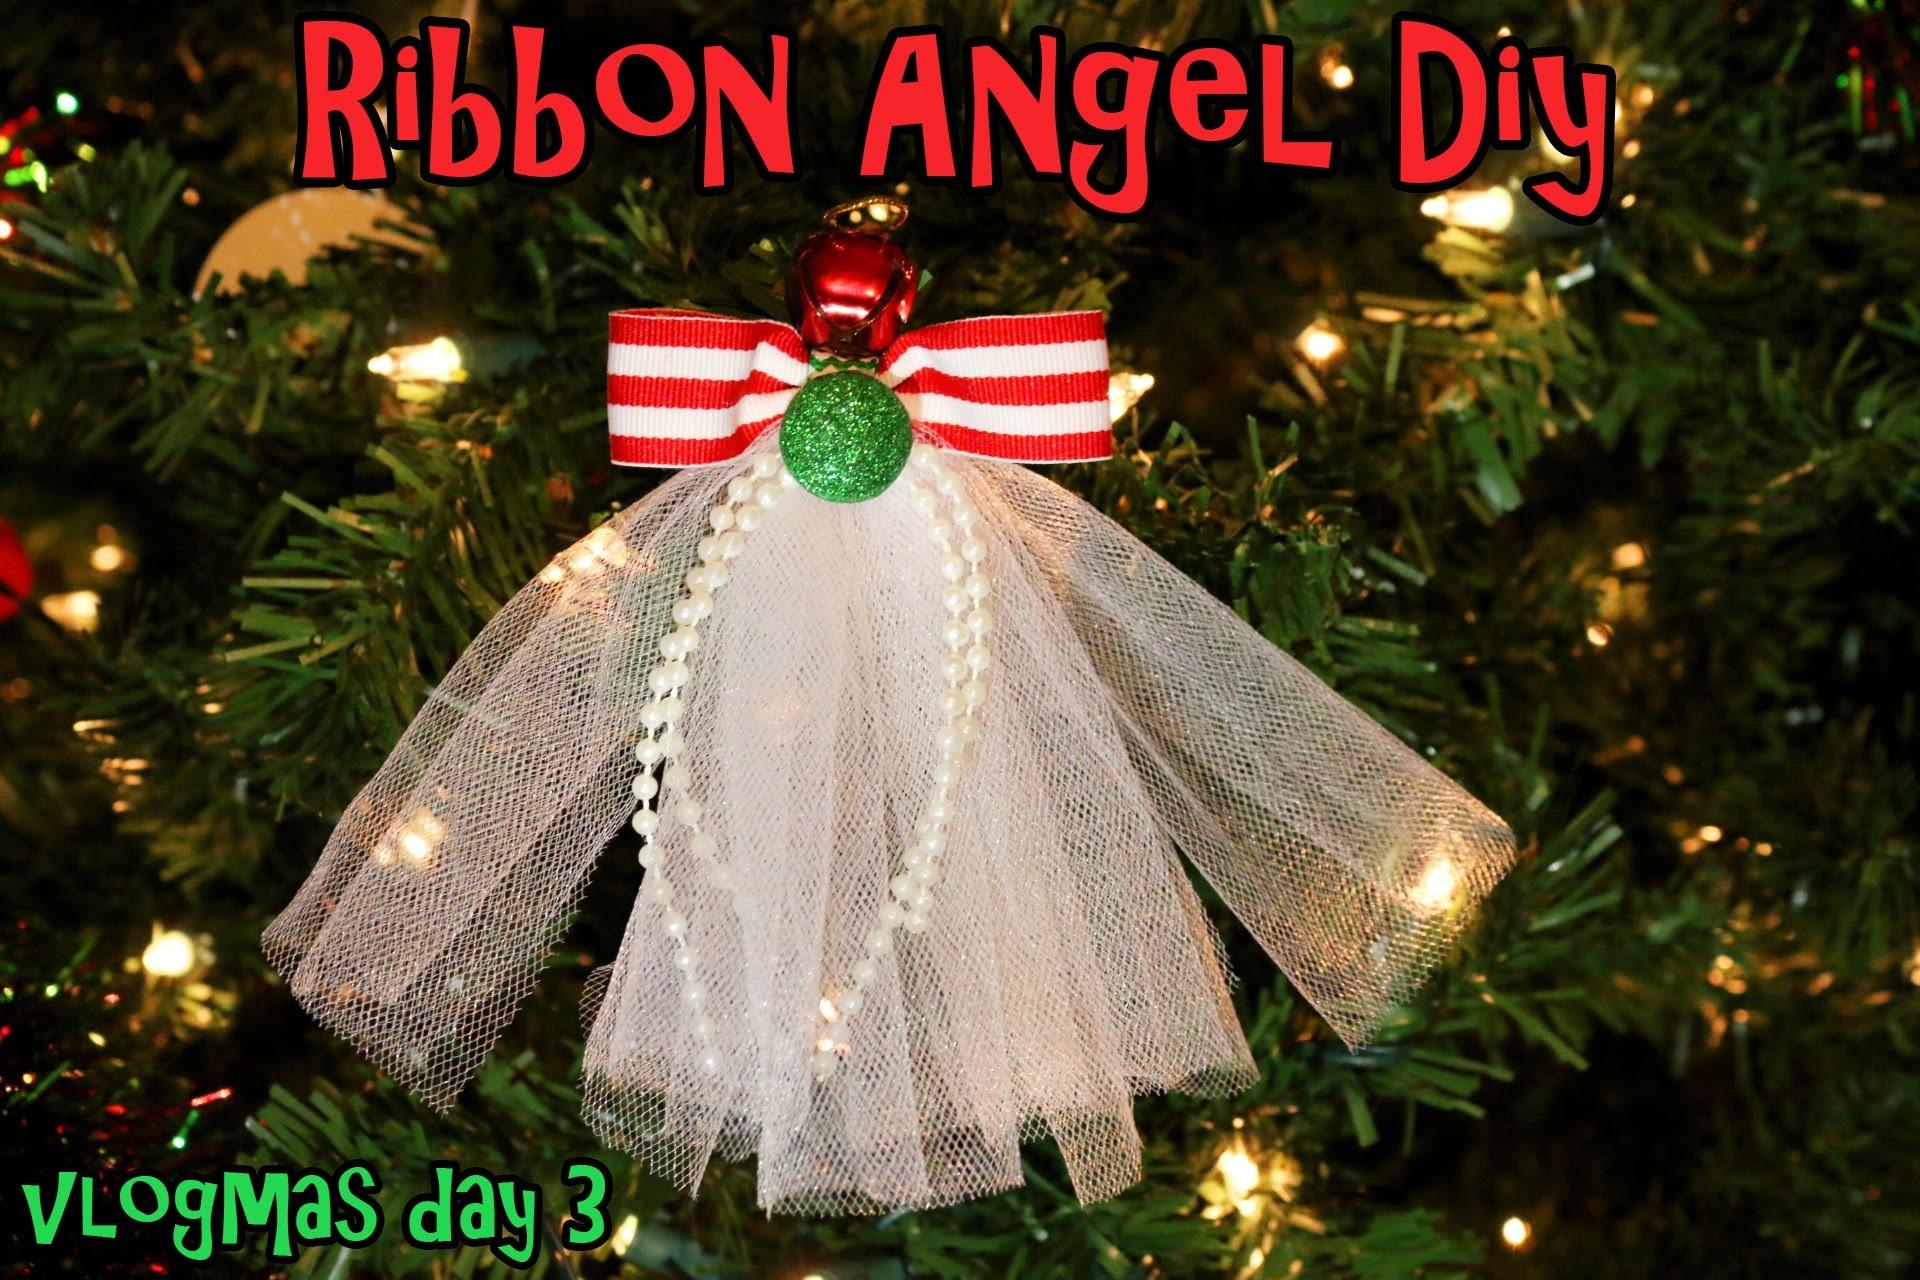 Vlogmas 2014 Day 3 DIY Ribbon Angel hair clip.Ribbon Angel ornament